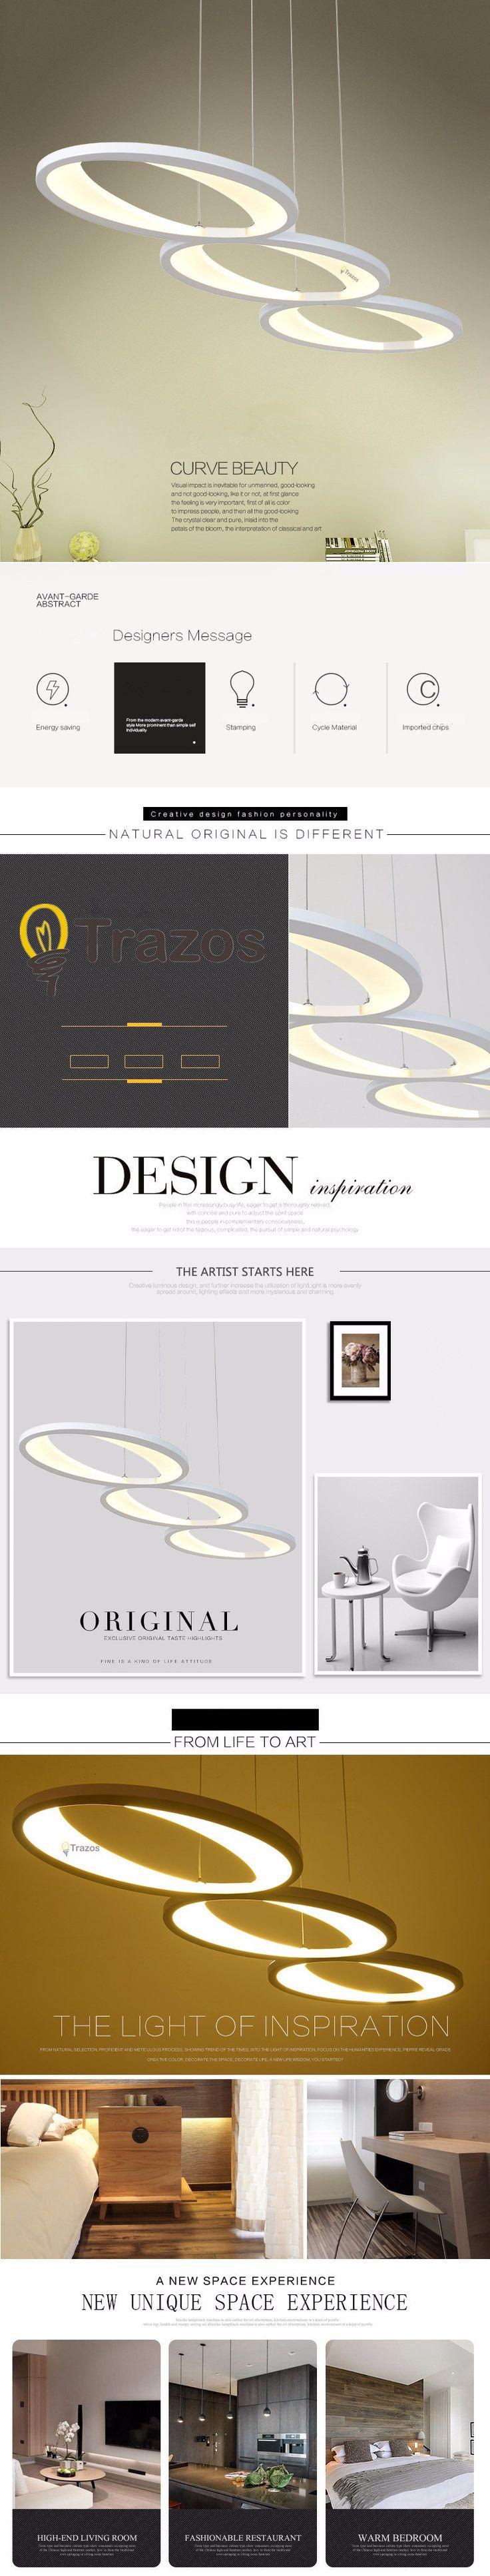 4a751ef2f9eec916fa586bd1b4571ca6--ceiling-lights-aliexpress Wunderbar Led Lampen E14 Warmweiß Dekorationen